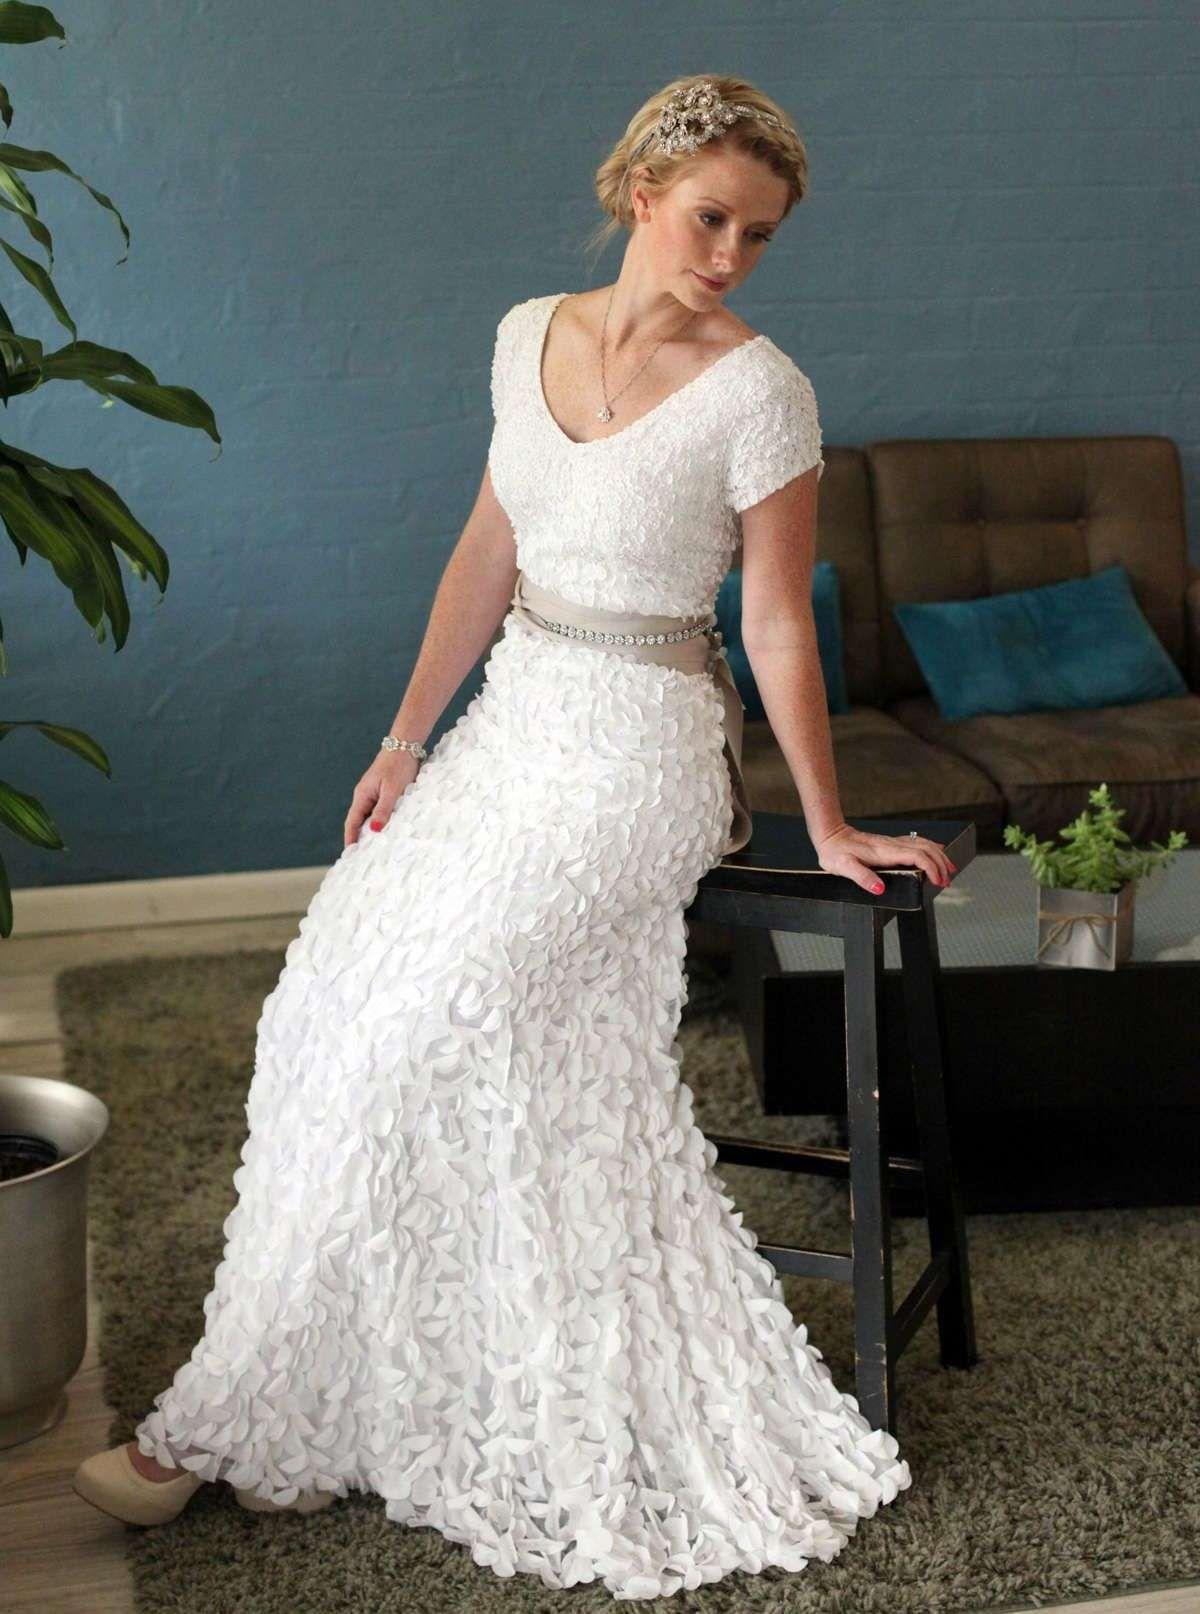 2018 Wedding Dresses for Brides Over 50 - Cold Shoulder Dresses for ...